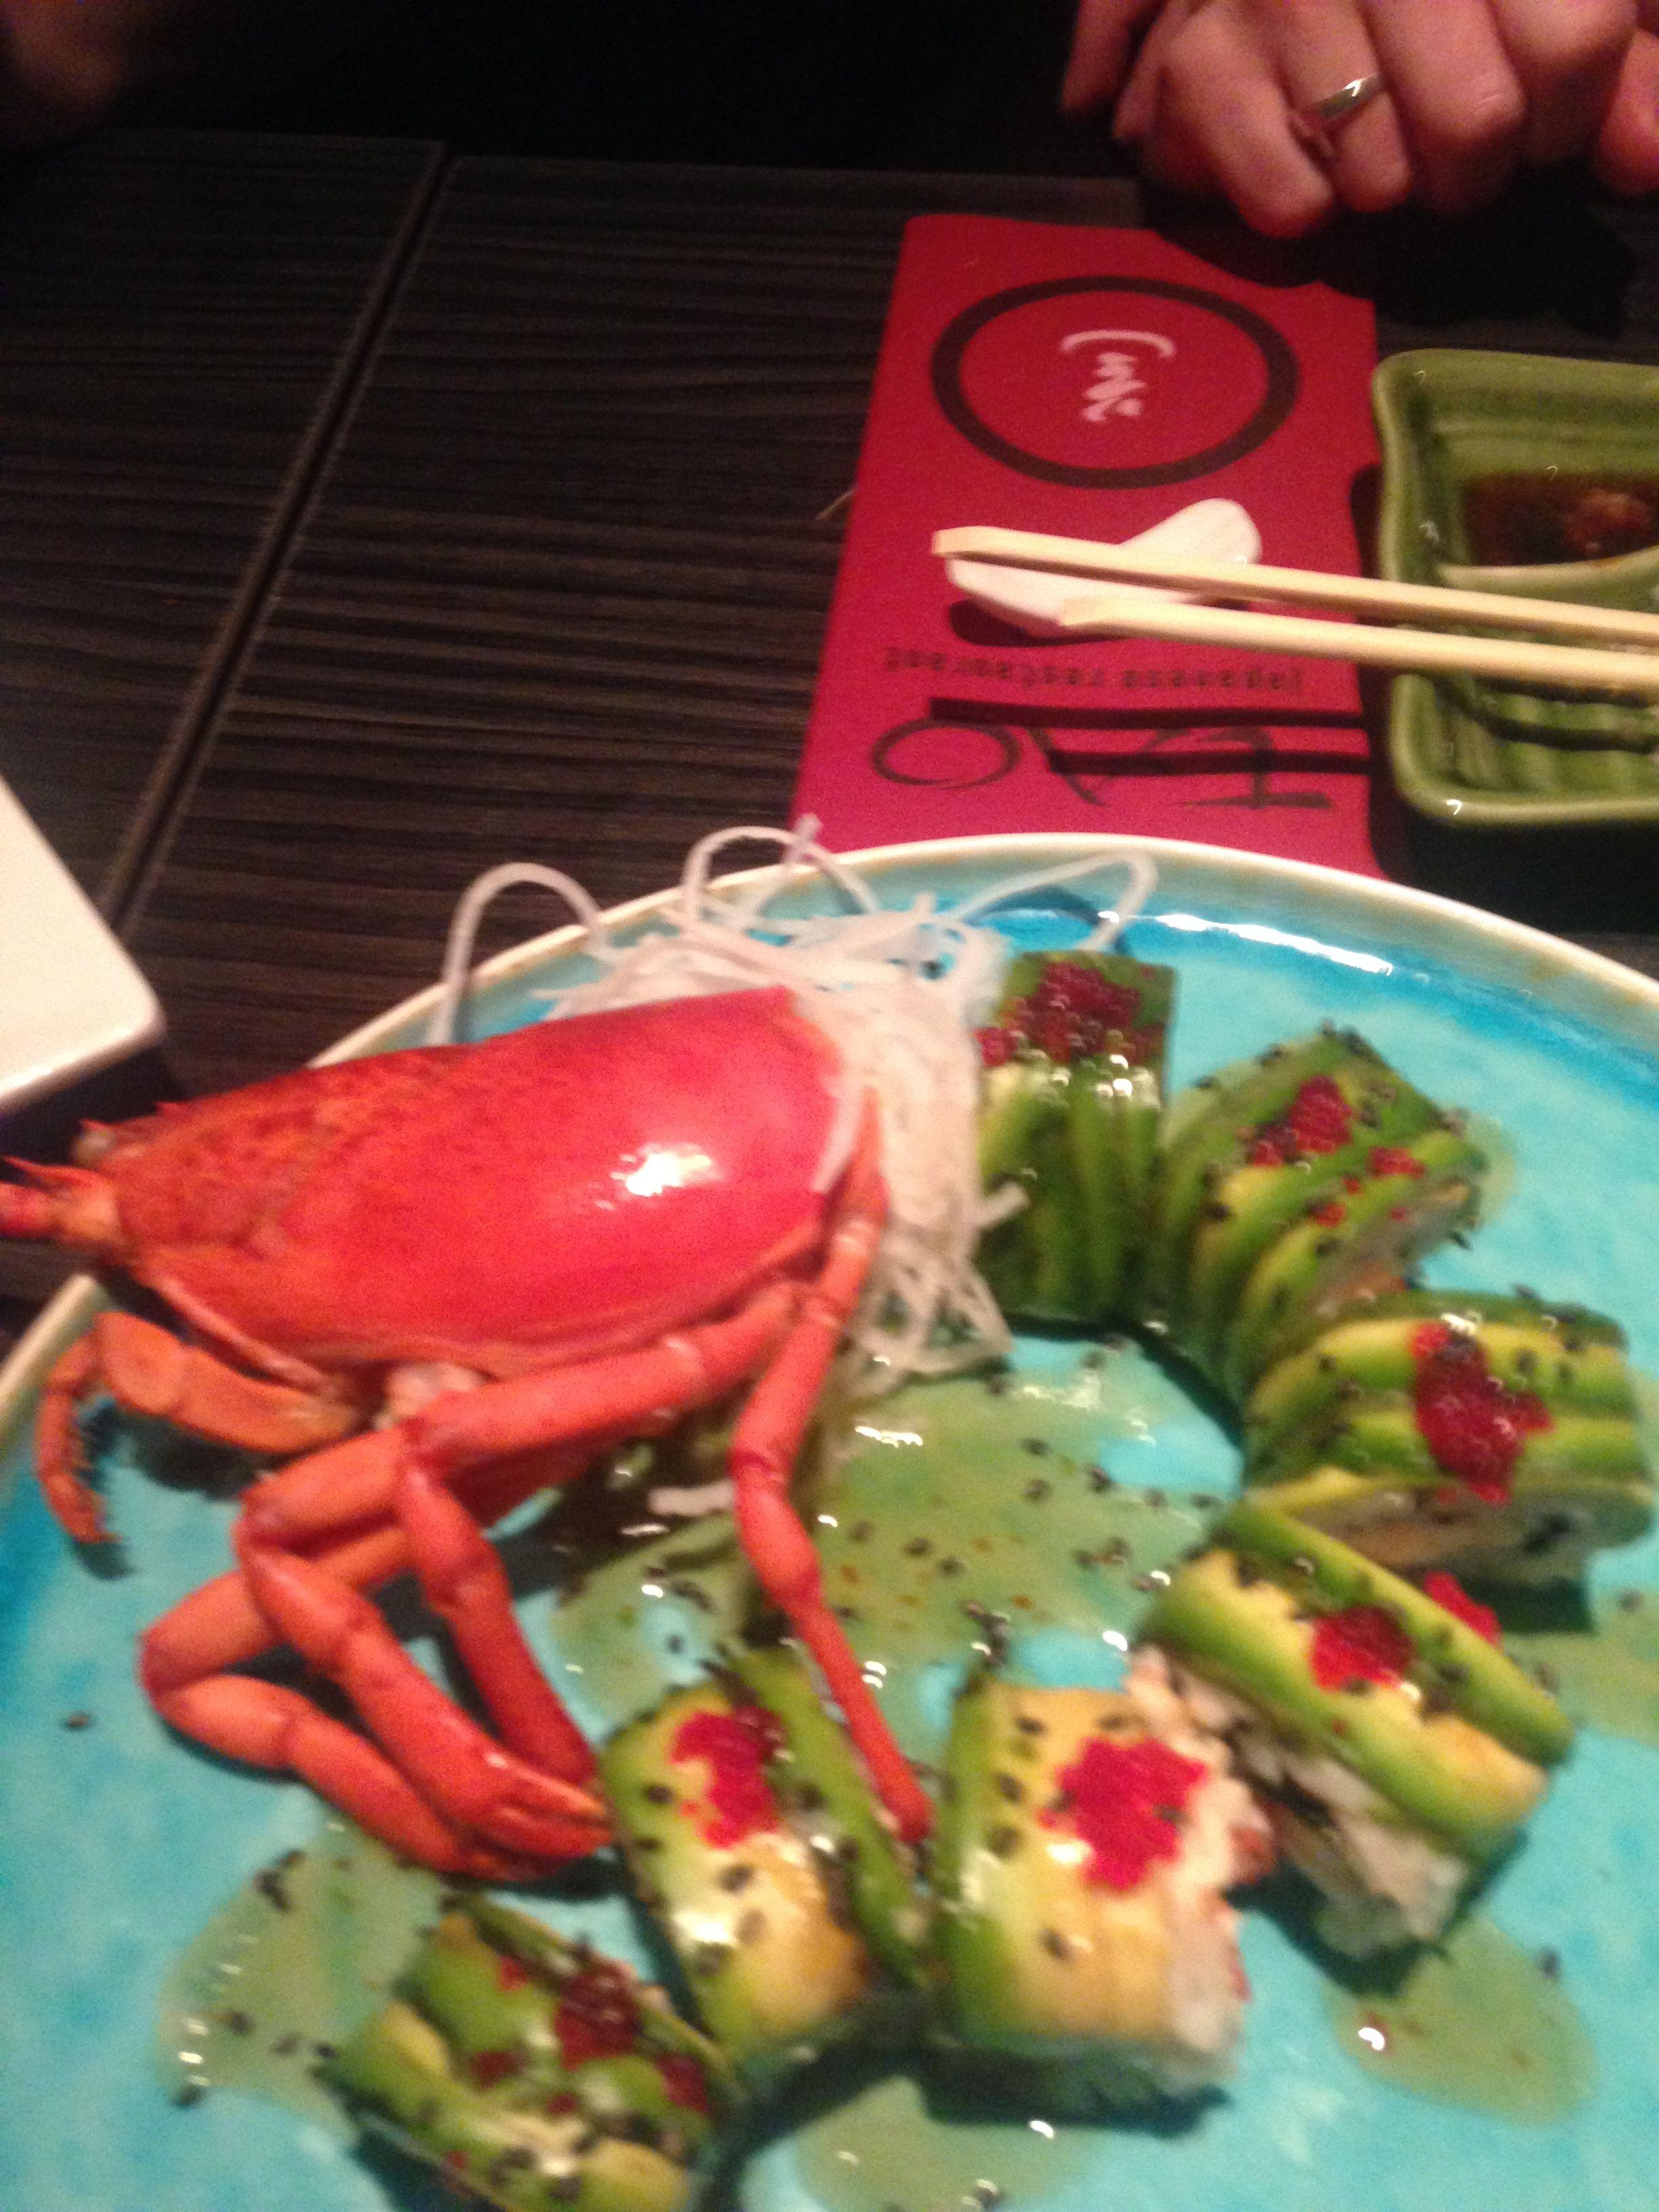 10 maart 2017, heerlijke gerechten bij Tao te Enschede. Prachtige plaatjes toch!?